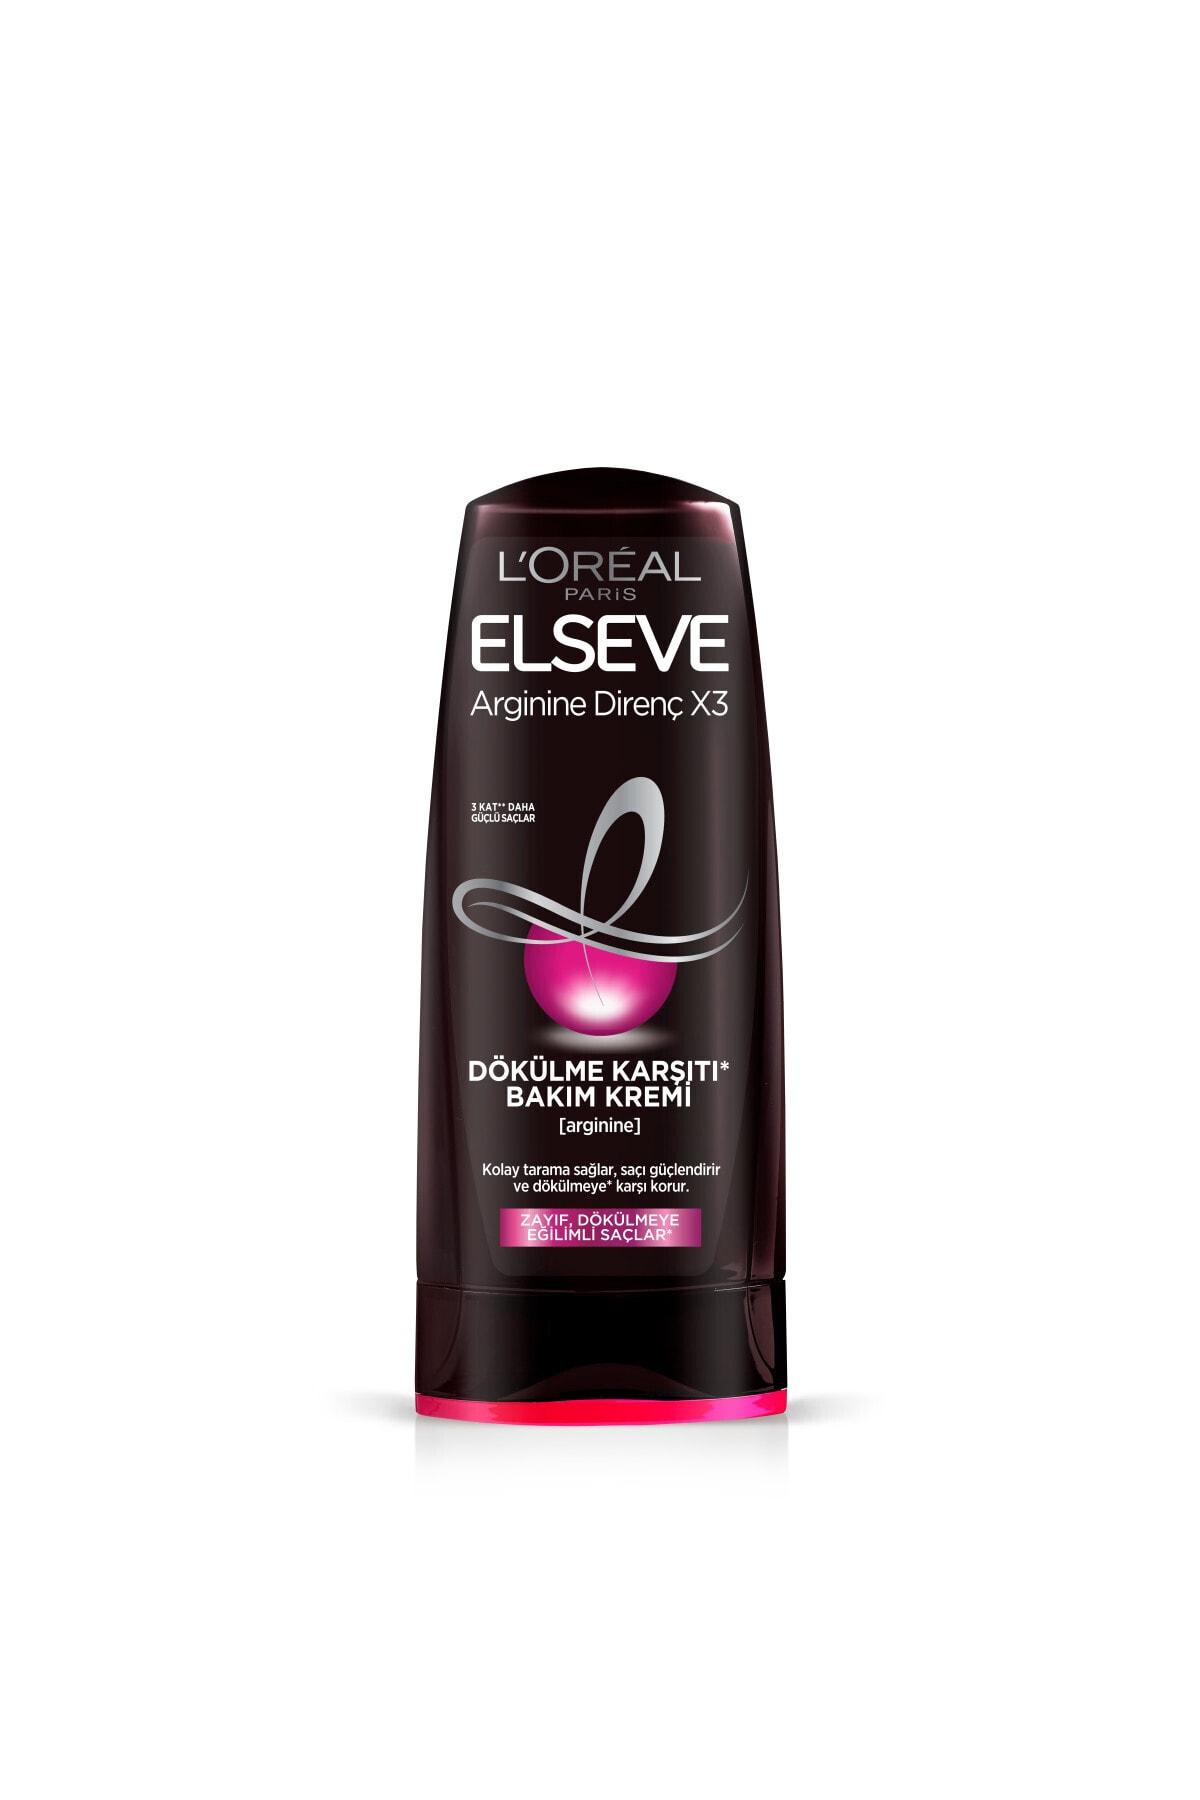 ELSEVE Arginine Direnç X3 Dökülme Karşıtı Şampuan 450ml & Saç Kremi 360 Ml & Bakım Kremi 200 Ml 2